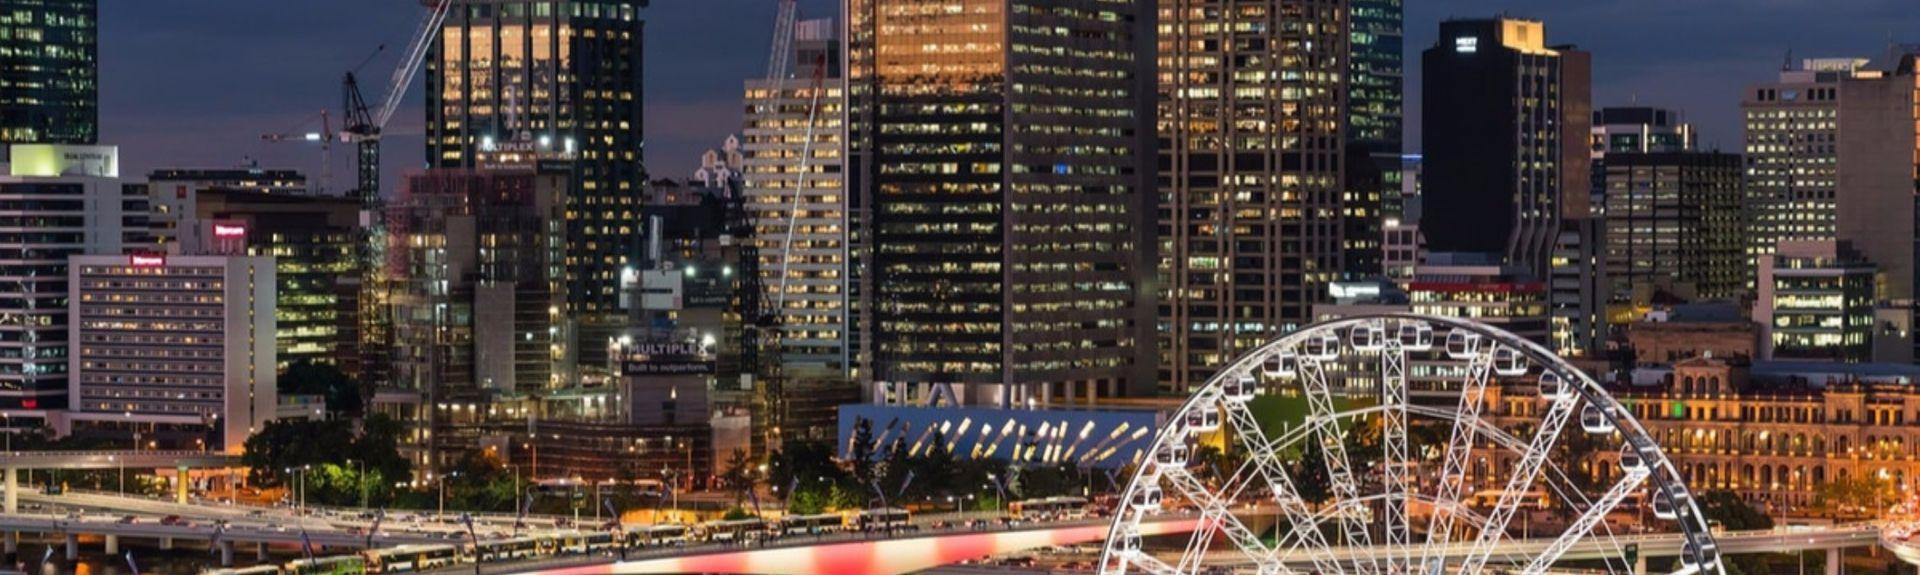 Chermside, Brisbane, Queensland, Australie